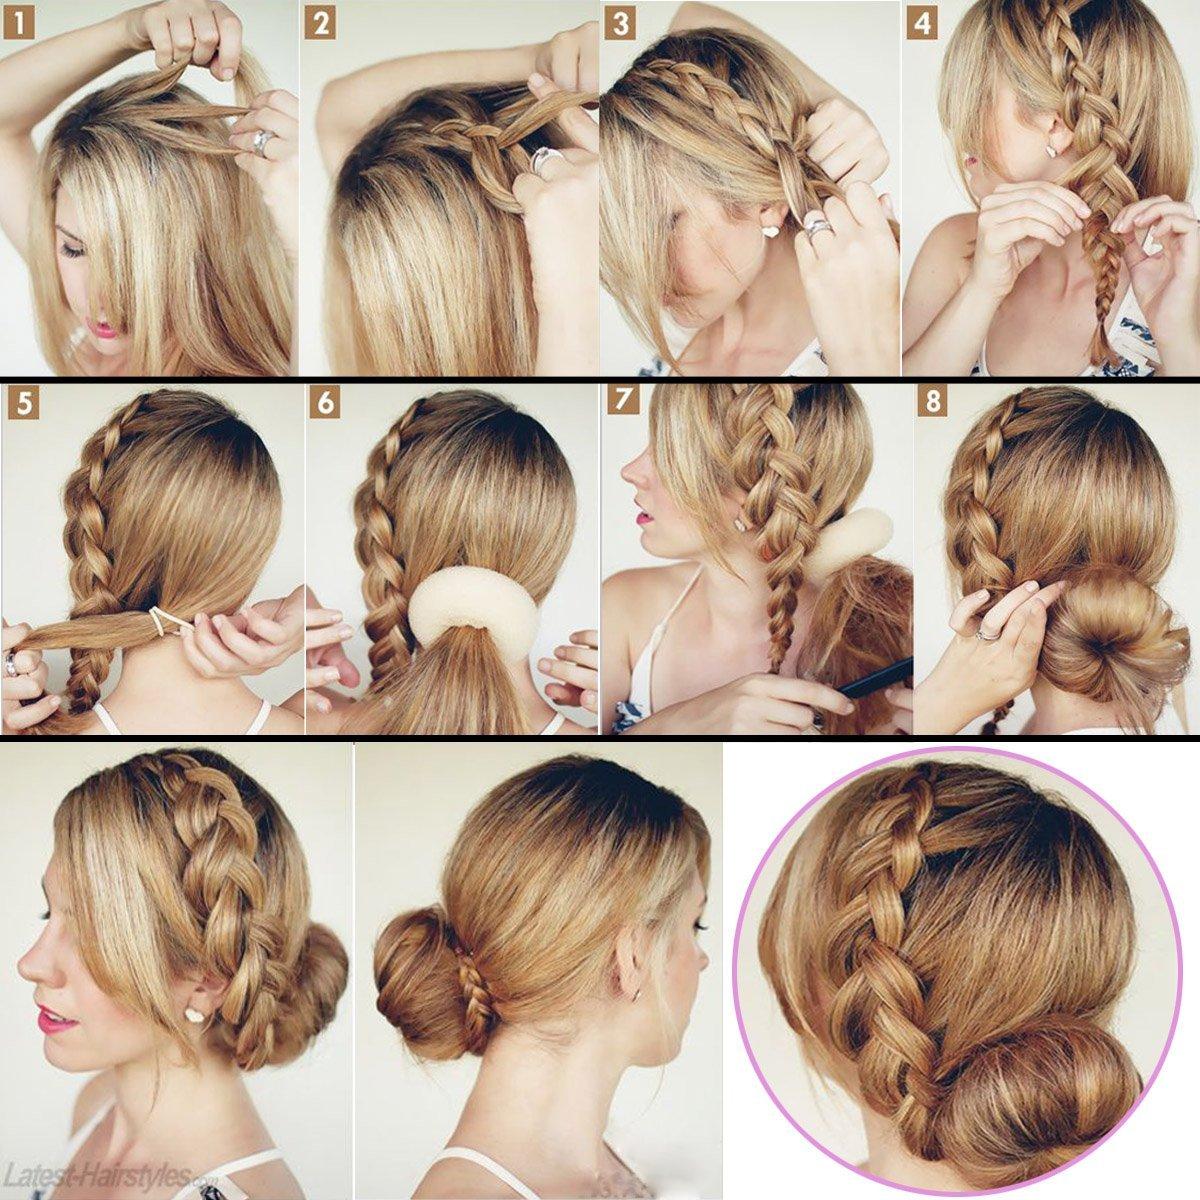 Прически для женщин на длинные волосы в домашних условиях фото пошагово